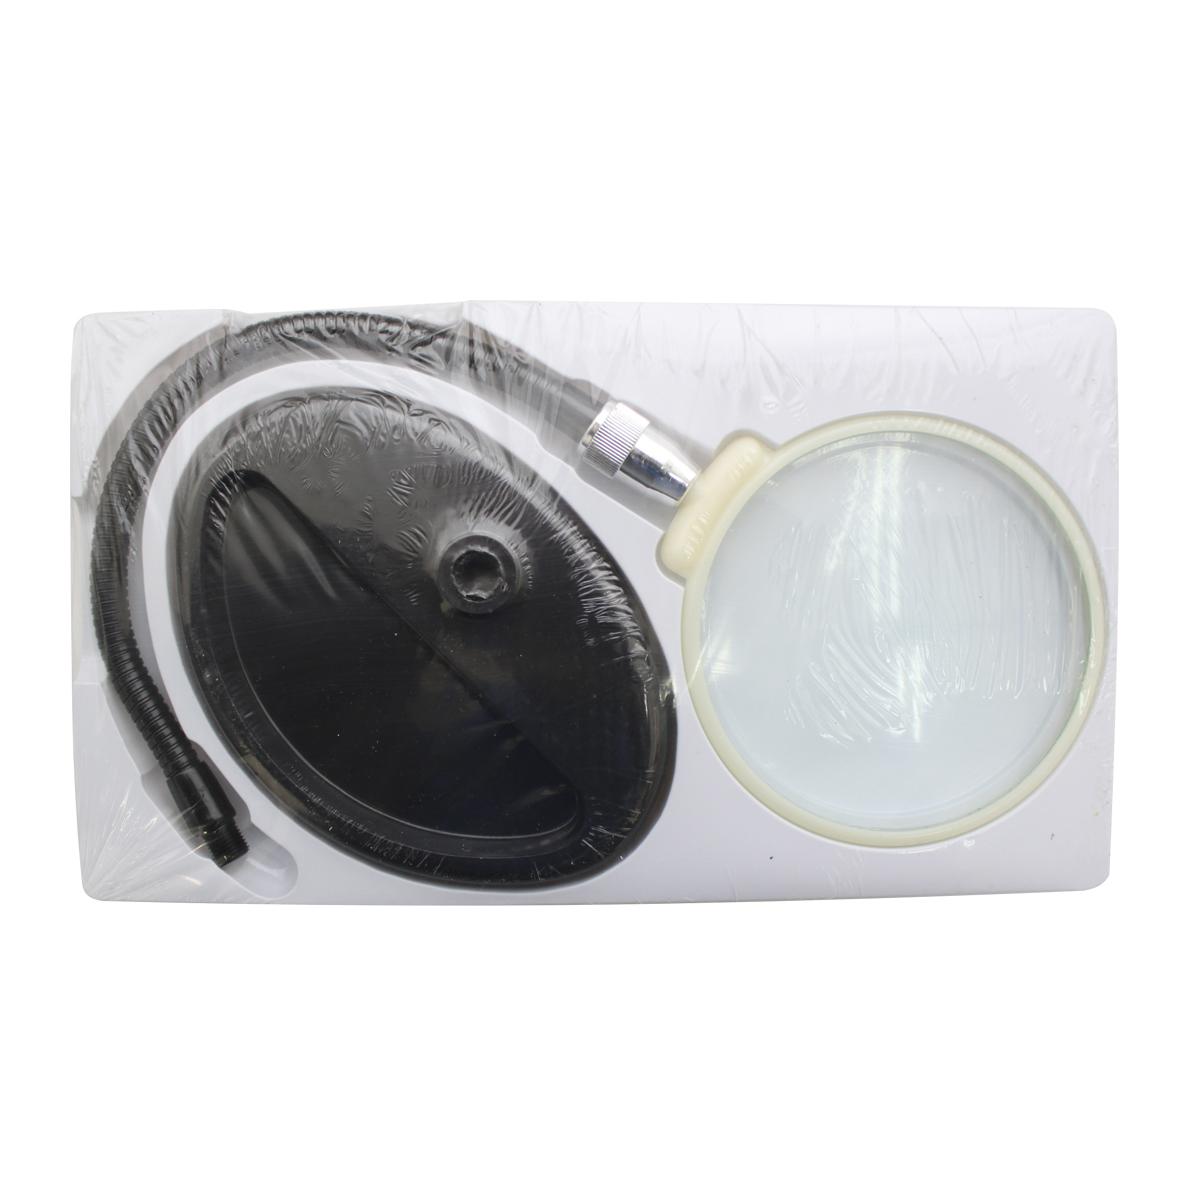 Лупа Bestex настольная на подставке, диаметр 10,4 см. MG15119 лупа bestex с креплением на голову и подсветкой mg81001 a